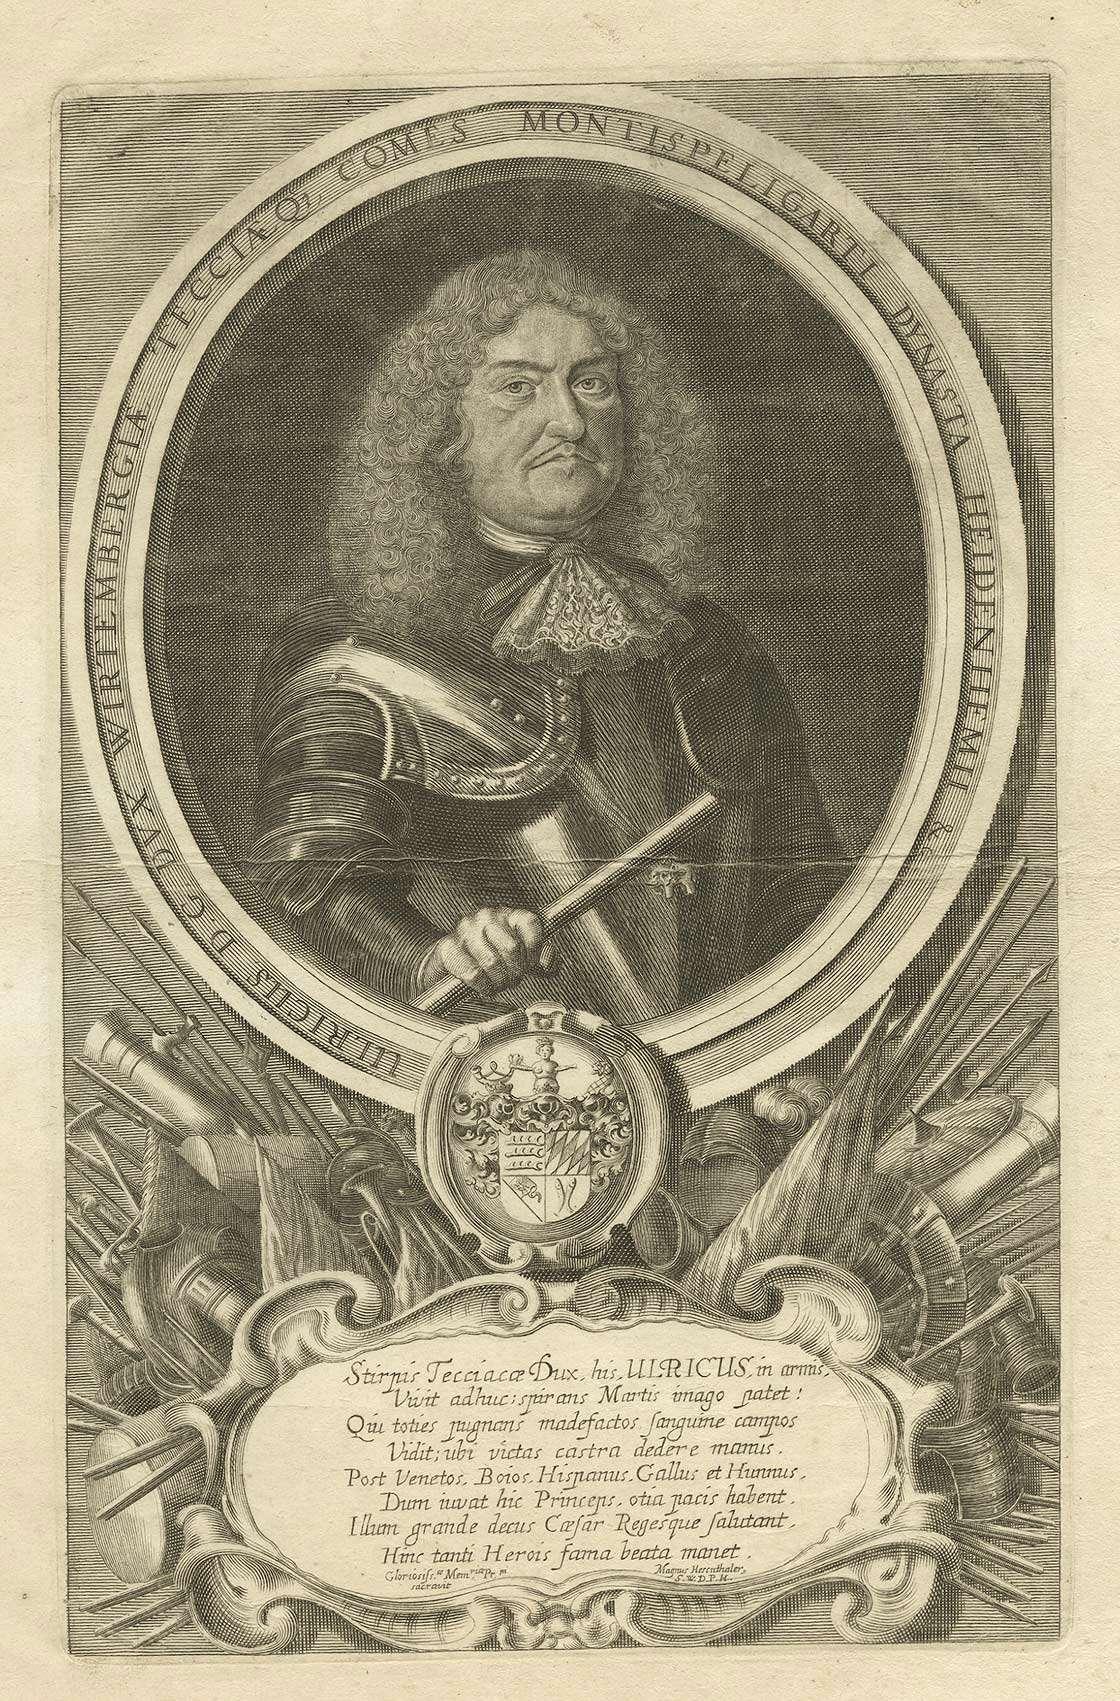 Herzog Ulrich von Württemberg in Rüstung mit Waffen, darunter Wappen mit lat. Inschrift, Brustbild in Halbprofil, Bild 1